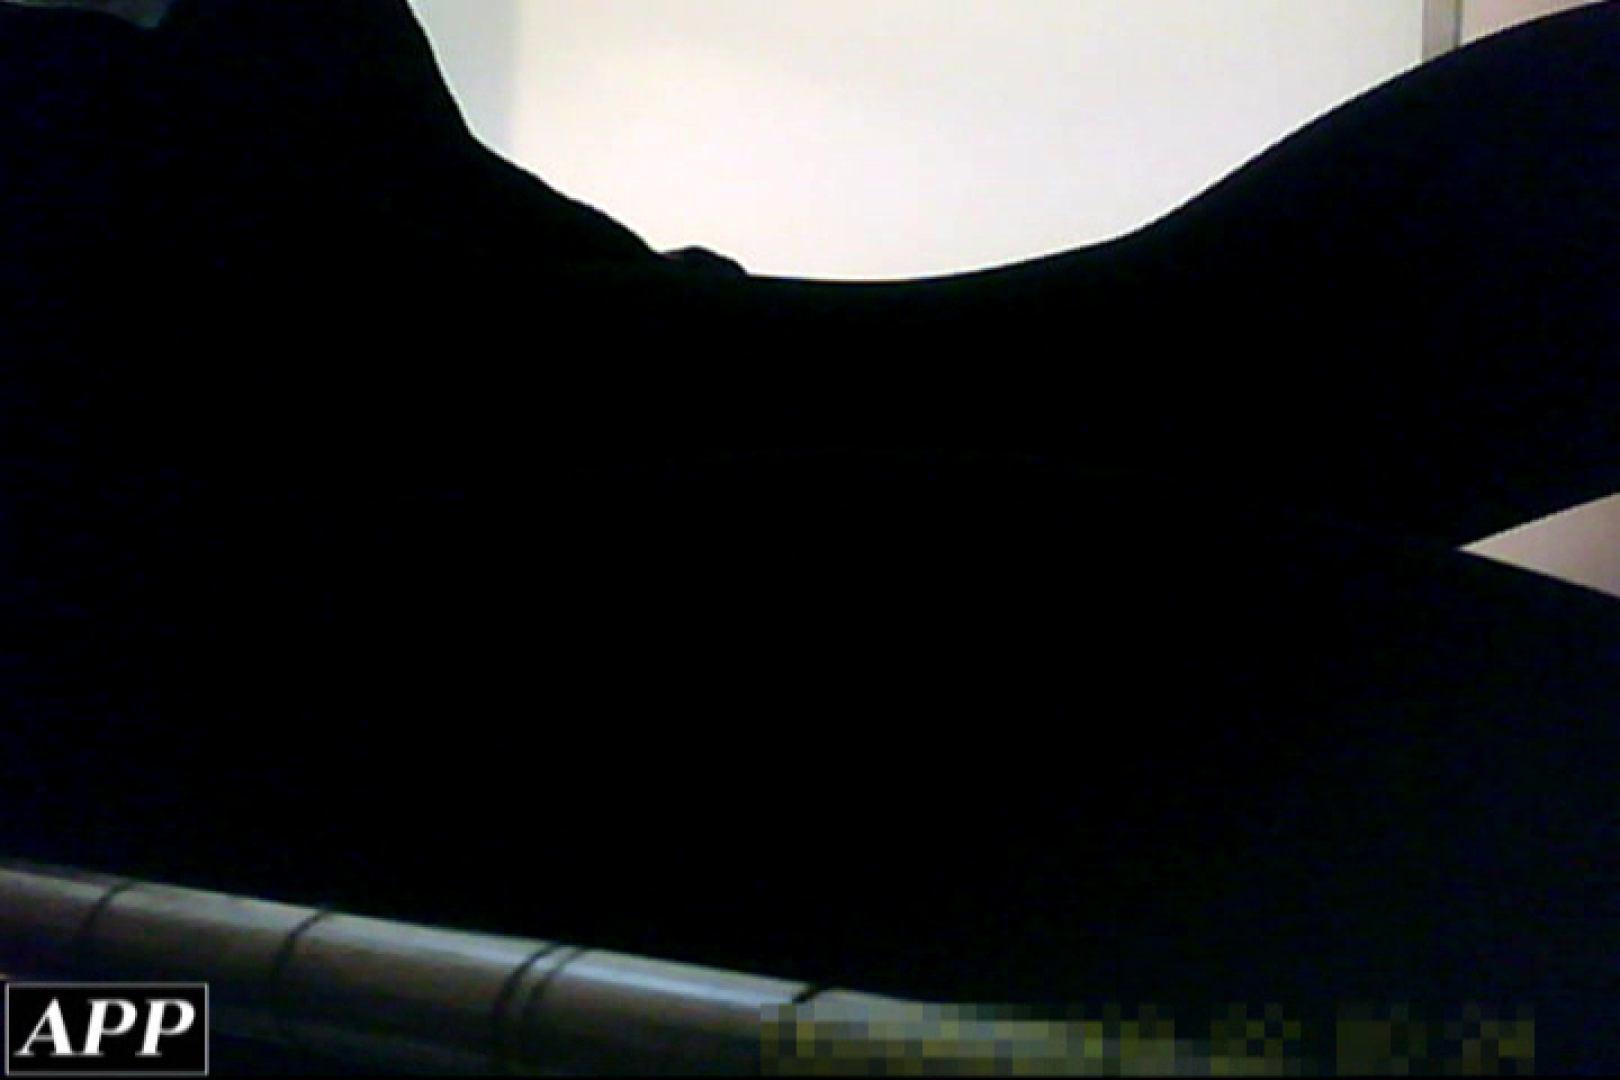 3視点洗面所 vol.32 たまらん肛門 オマンコ動画キャプチャ 86連発 29